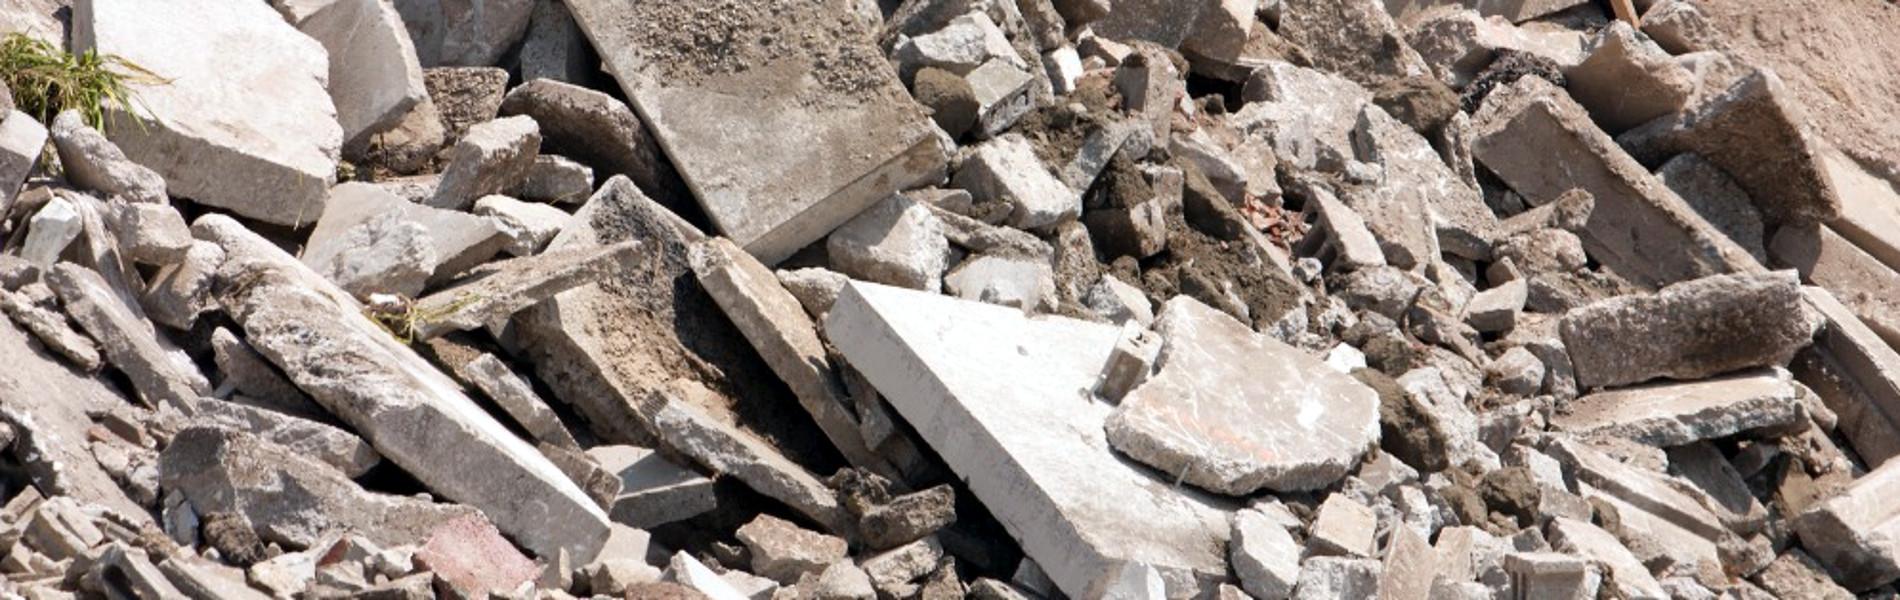 Recykling materiałów budowlanych